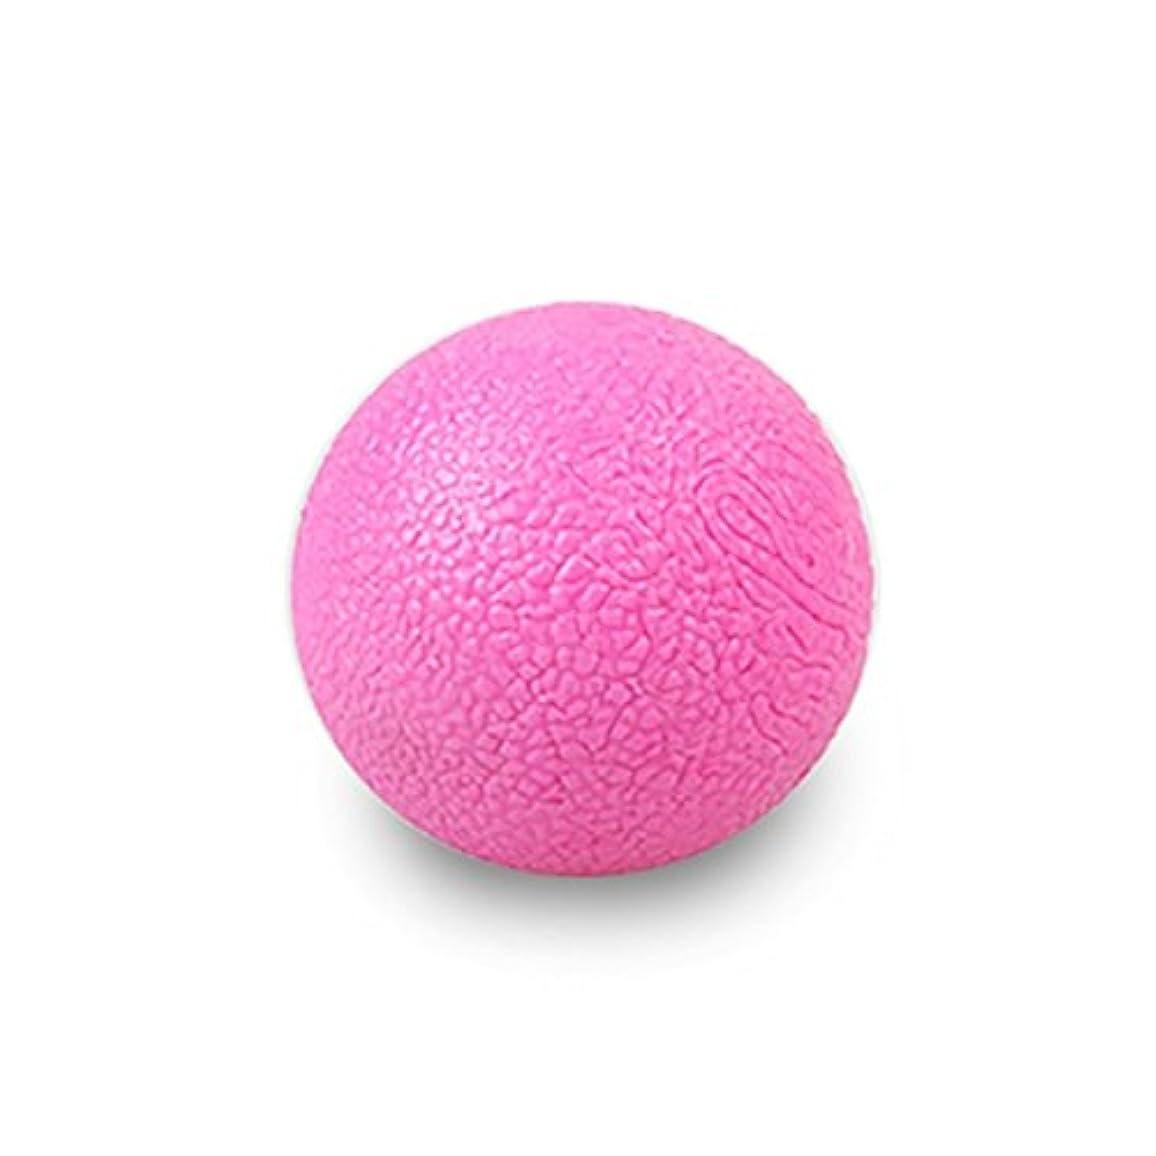 実装する請う事故Shape Up UPnShape ミニ マッサージ ボール (4.7 インチ)/ストレッチ、ヨガ リハビリテーション腰痛首 (ピンク)